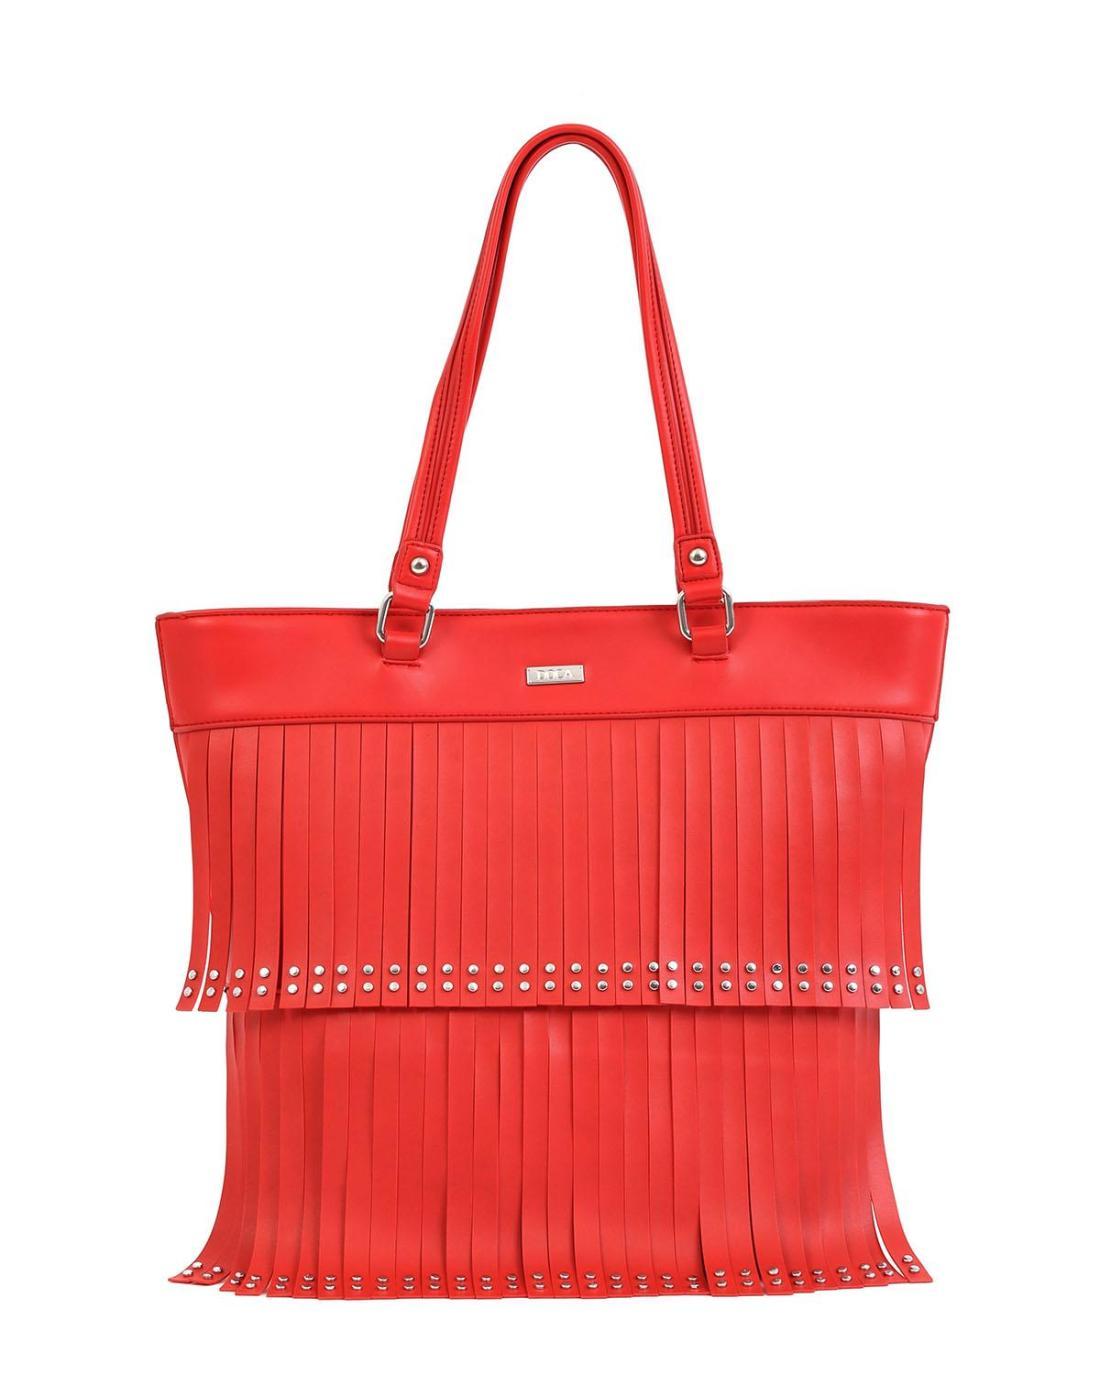 Καθημερινή τσάντα χειρός/ώμου κόκκινη